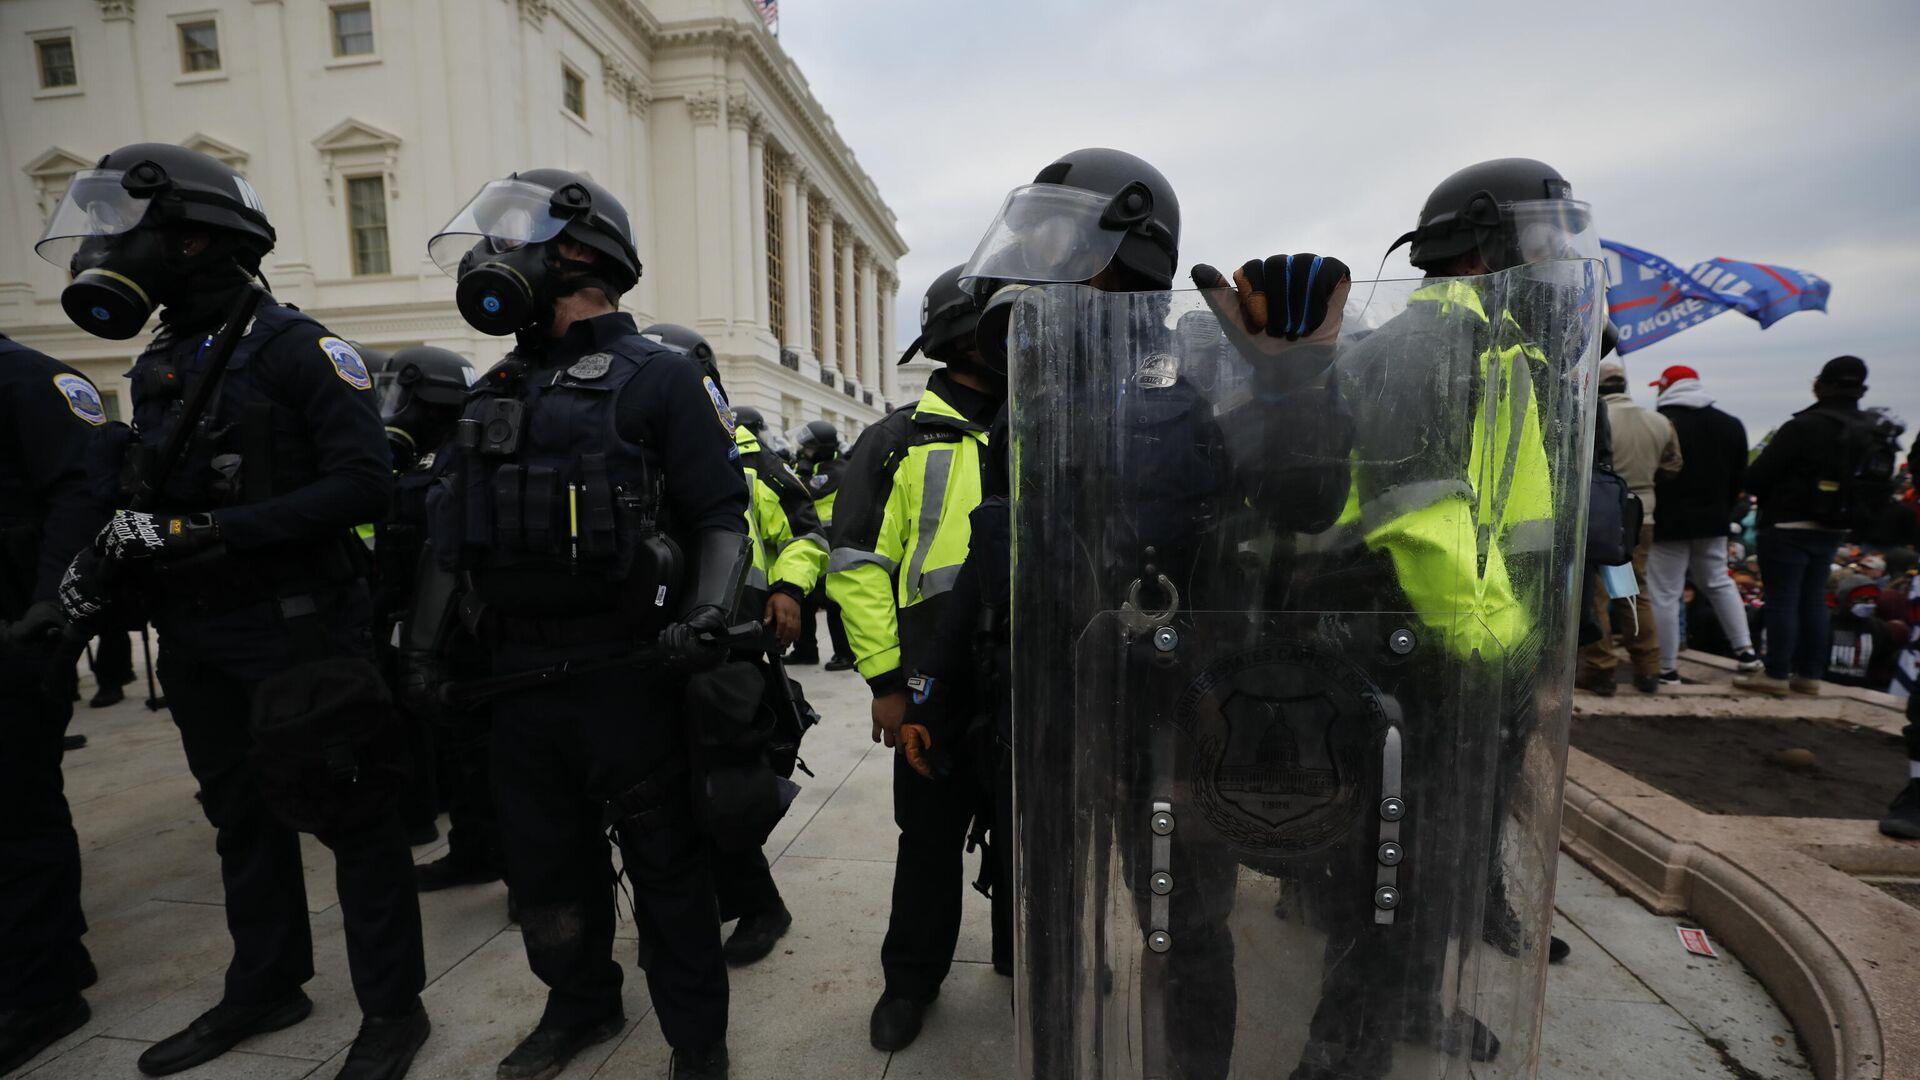 Сотрудники полиции во время акции протеста сторонников действующего президента США Дональда Трампа у здания конгресса в Вашингтоне - РИА Новости, 1920, 09.01.2021